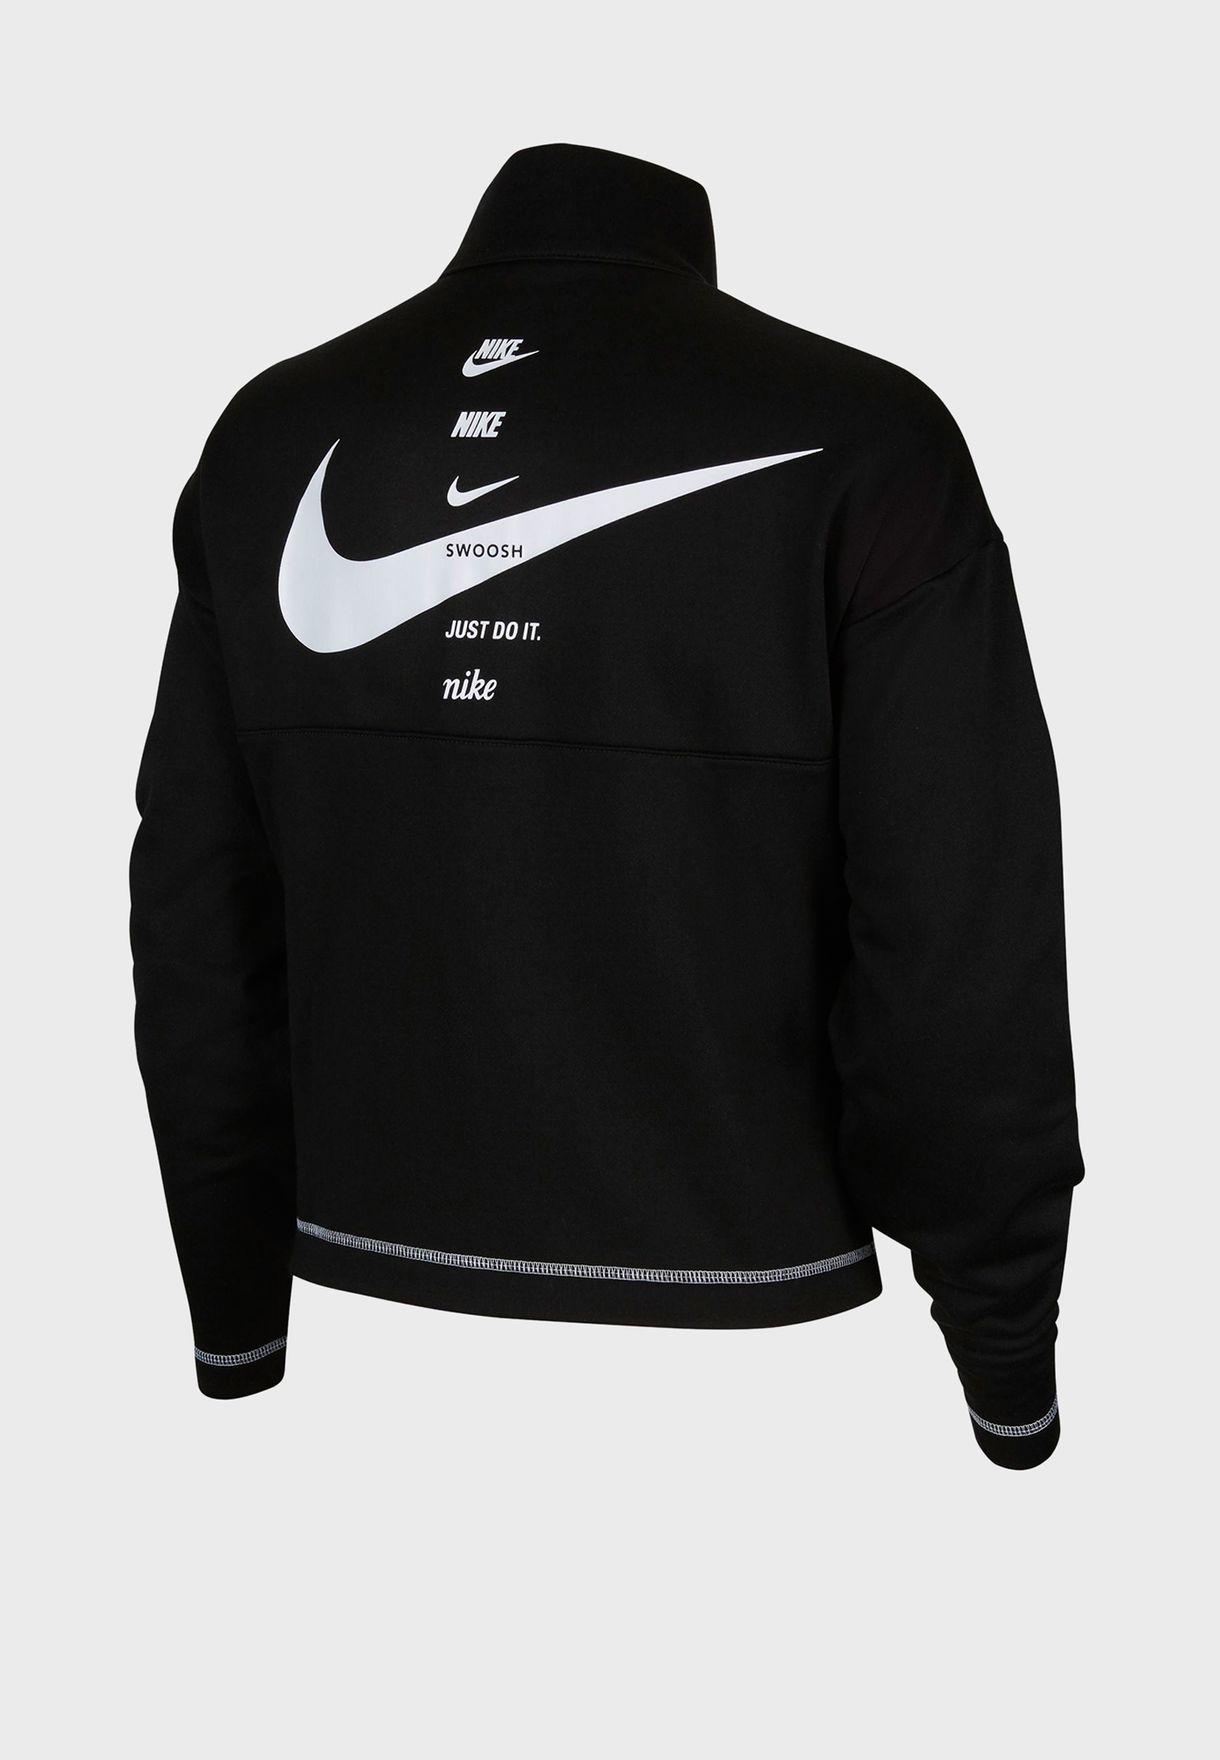 NSW Swoosh Fleece Sweatshirt